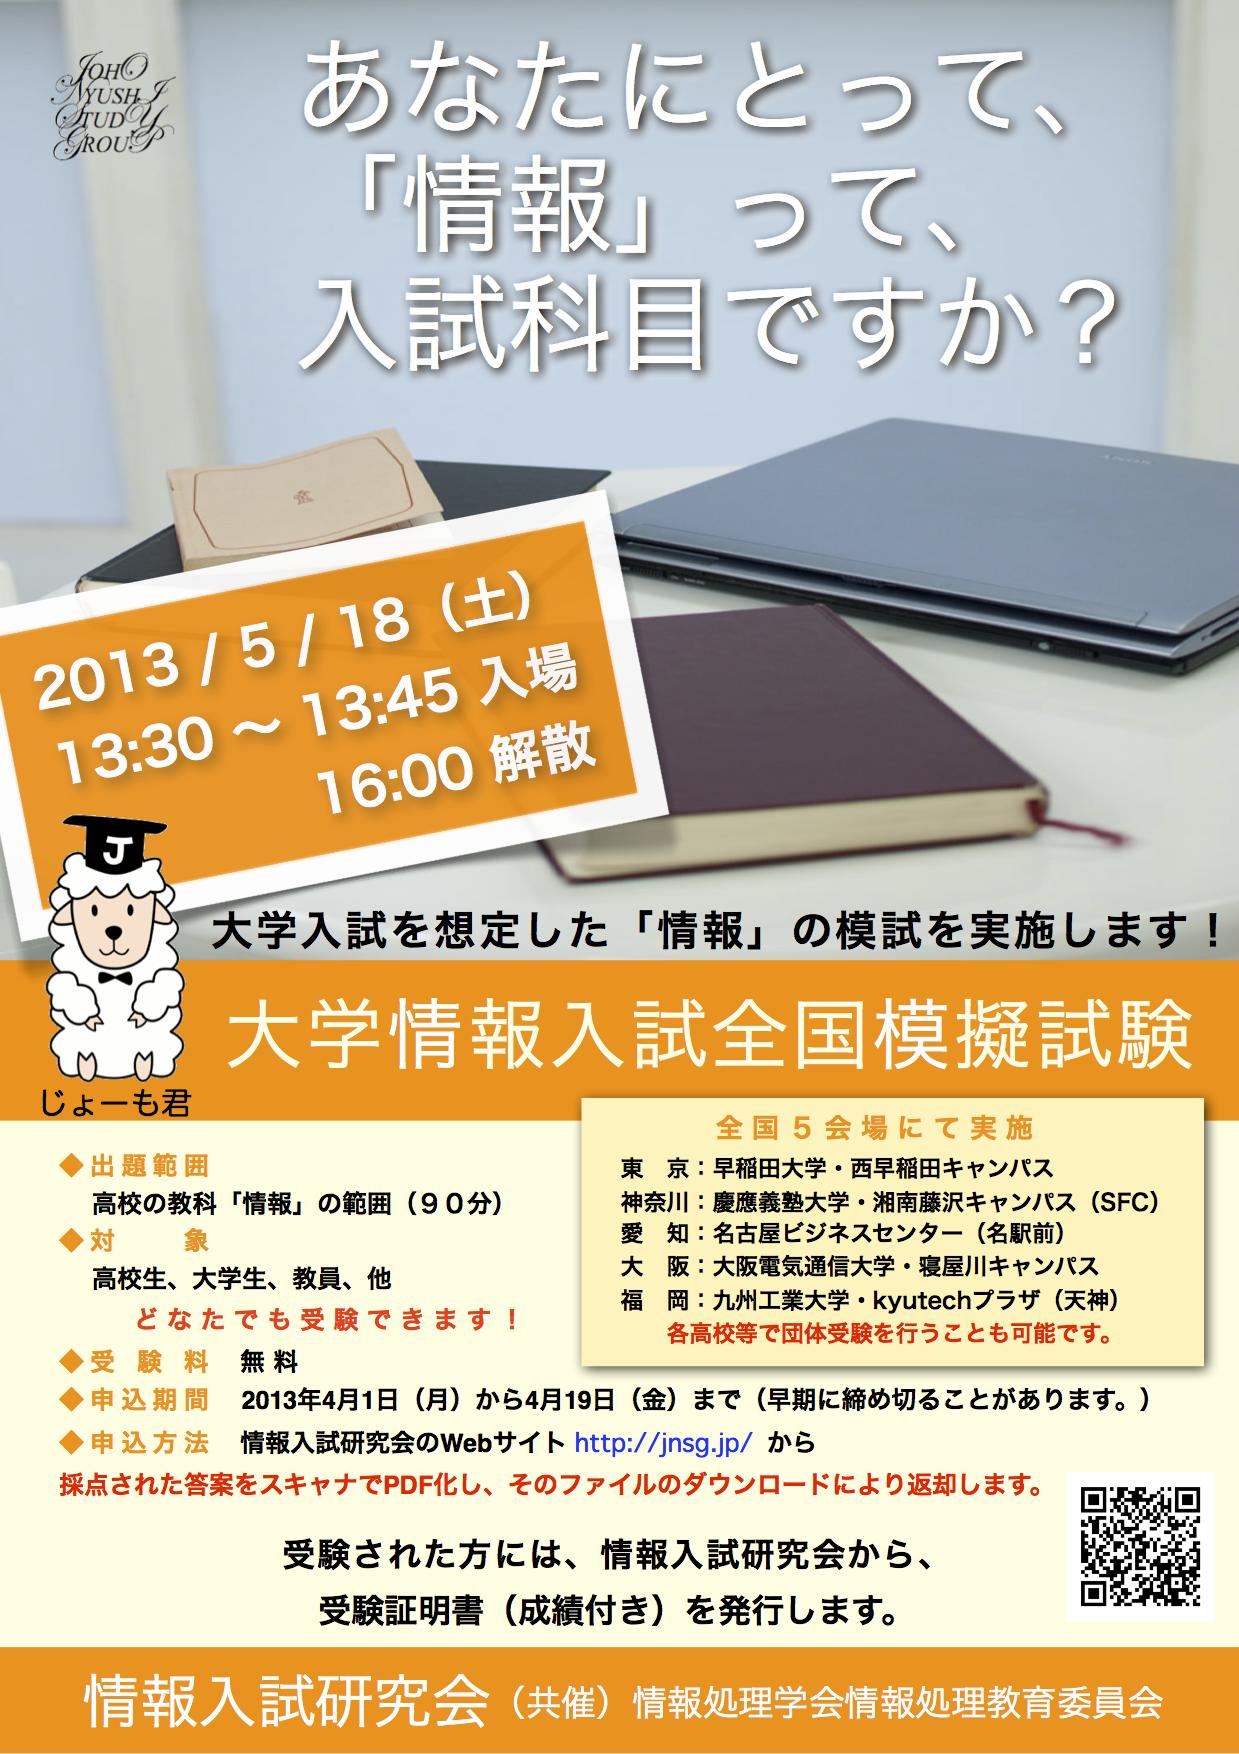 第1回大学情報入試全国模擬試験ポスター